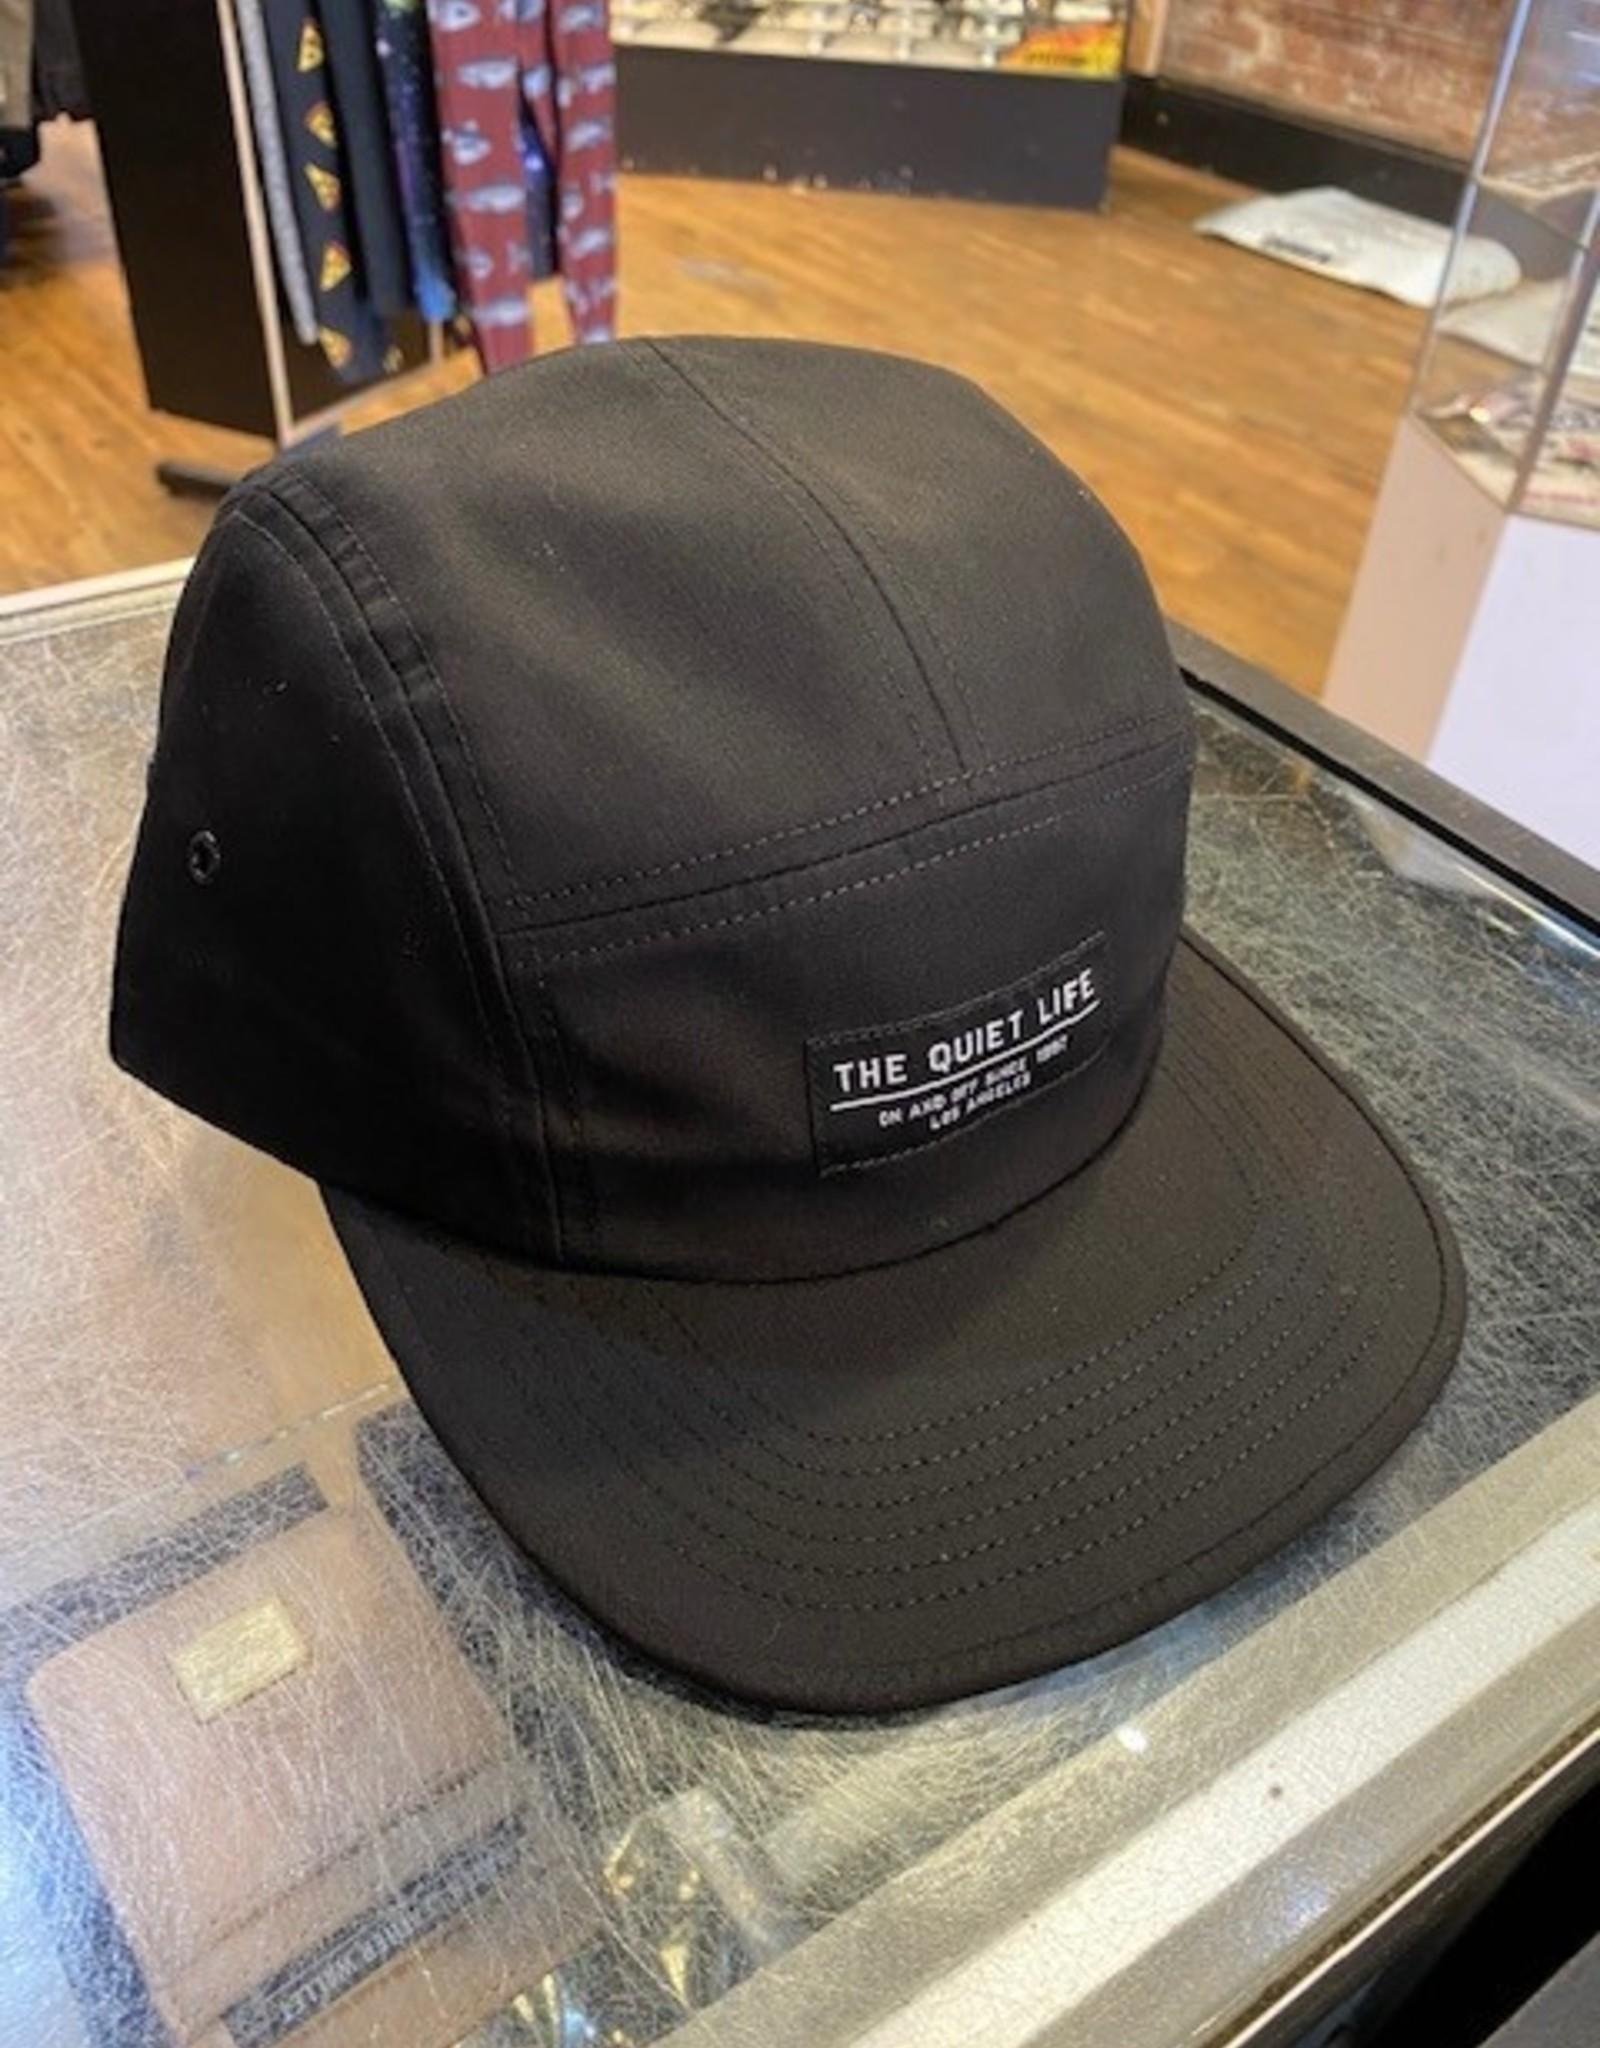 THE QUIET LIFE THE QUIET LIFE 5 PANEL FOUNDATION CAP BLACK